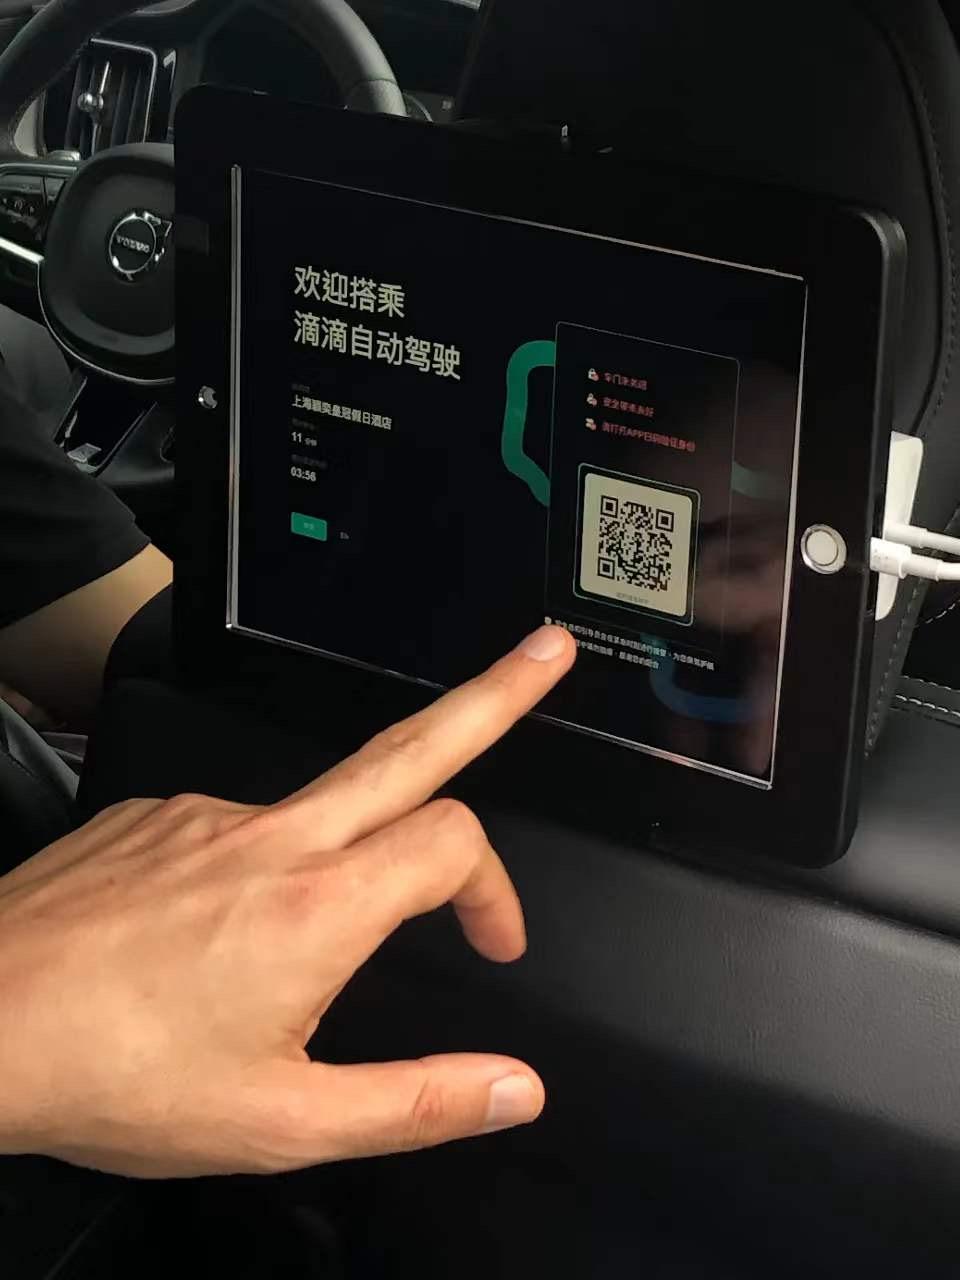 上车后,乘客需要先扫码确认身份。